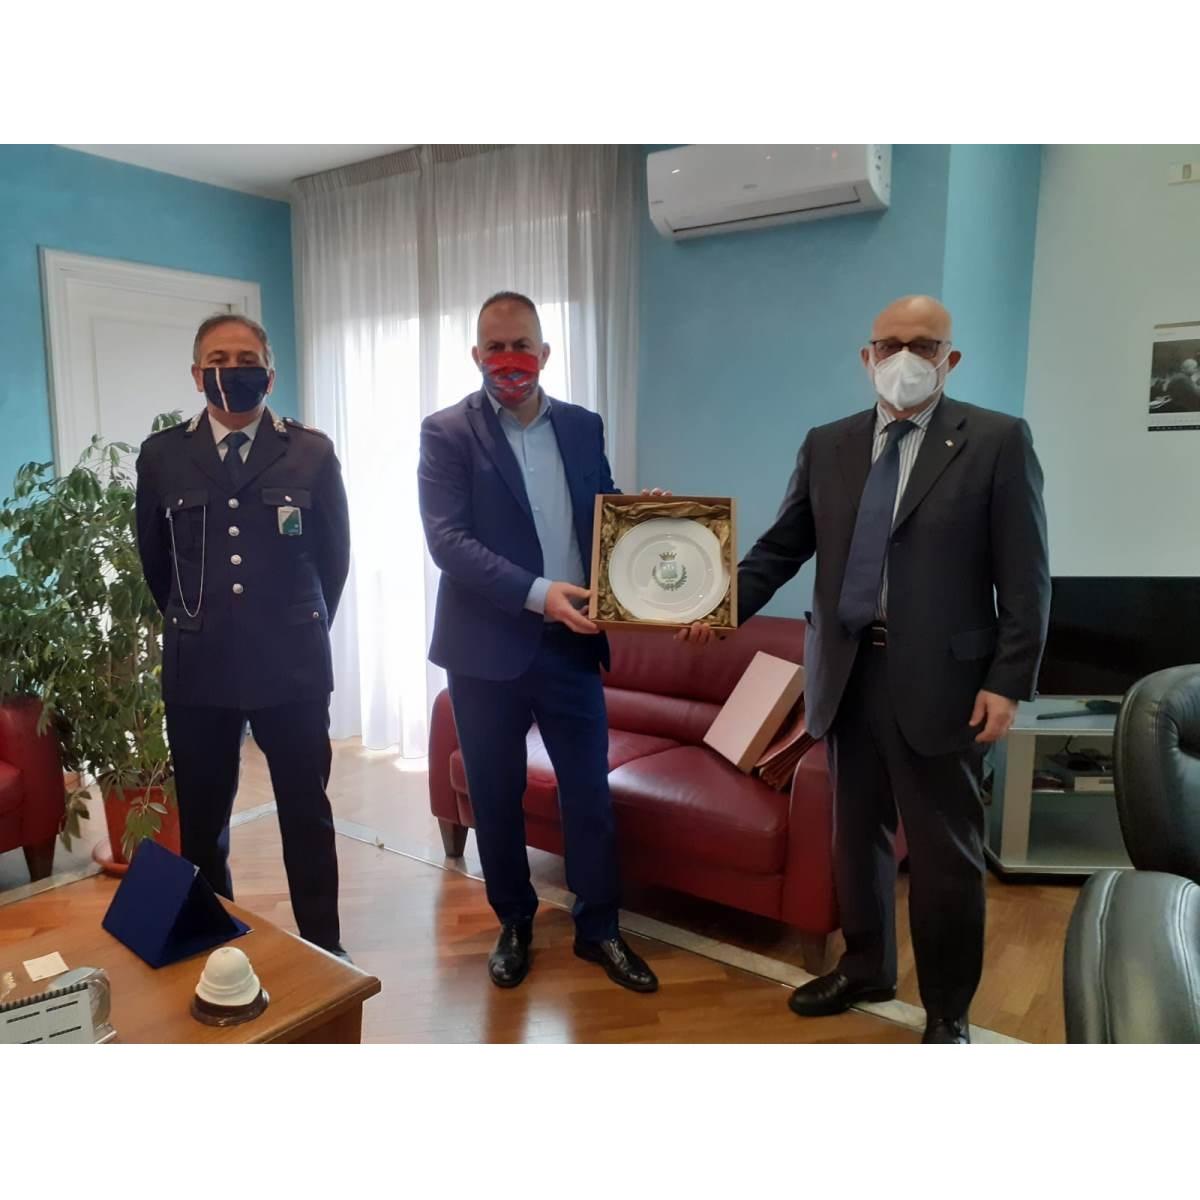 De Martinis e Casale fanno visita al Questore di Pescara foto